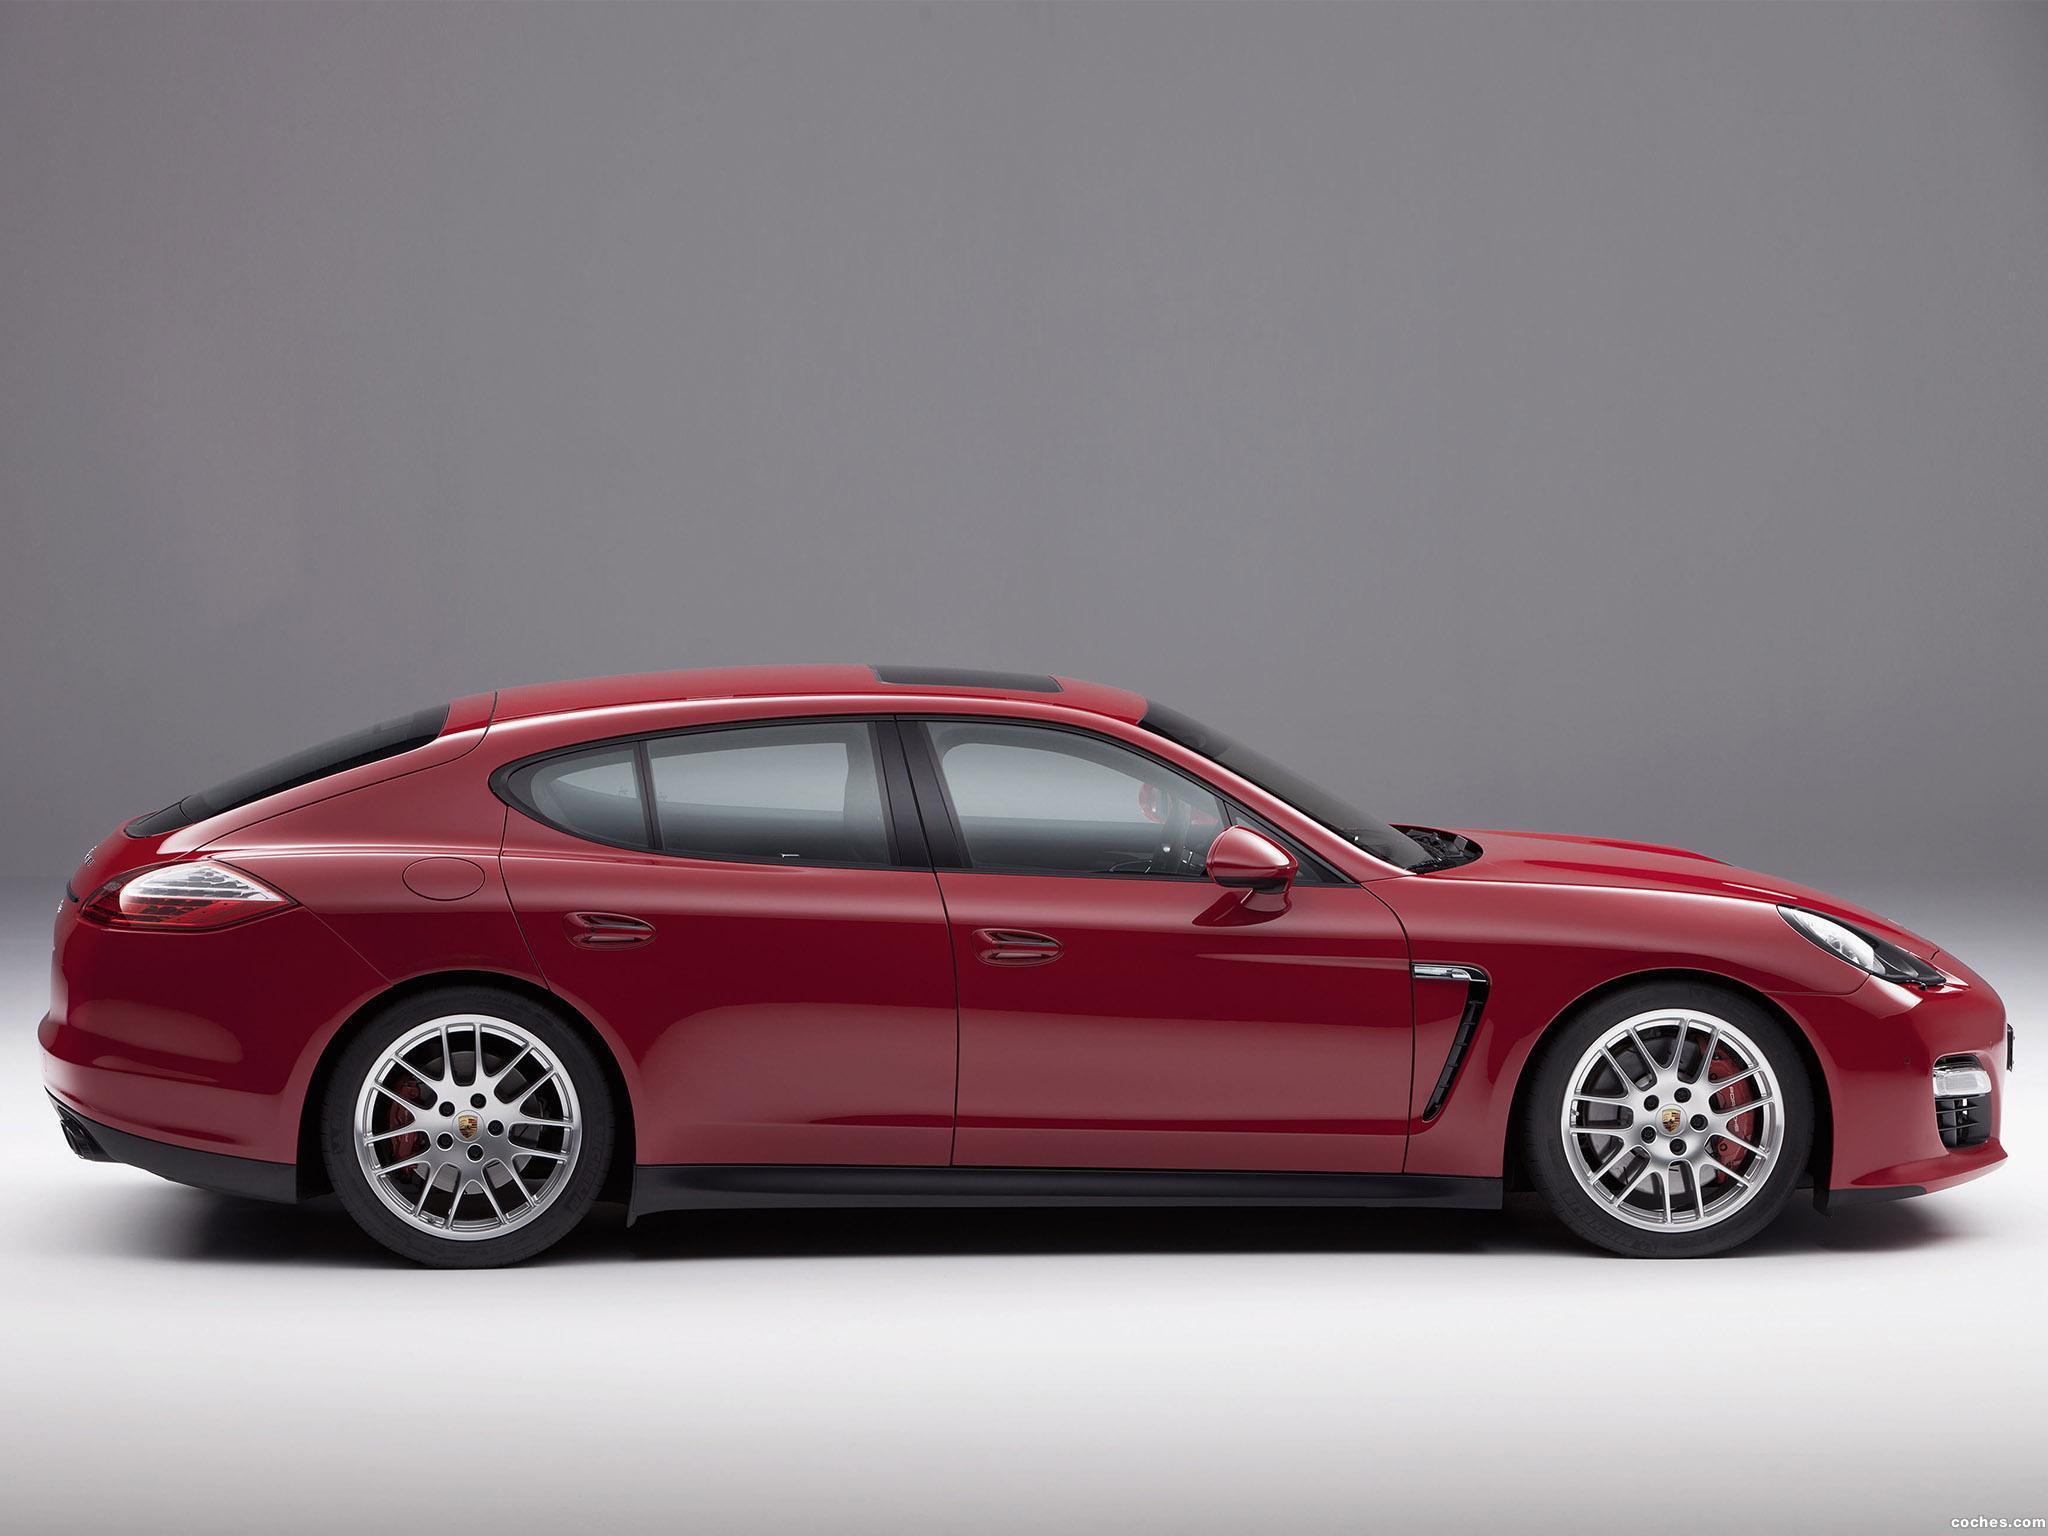 Foto 1 de Porsche Panamera GTS 2011